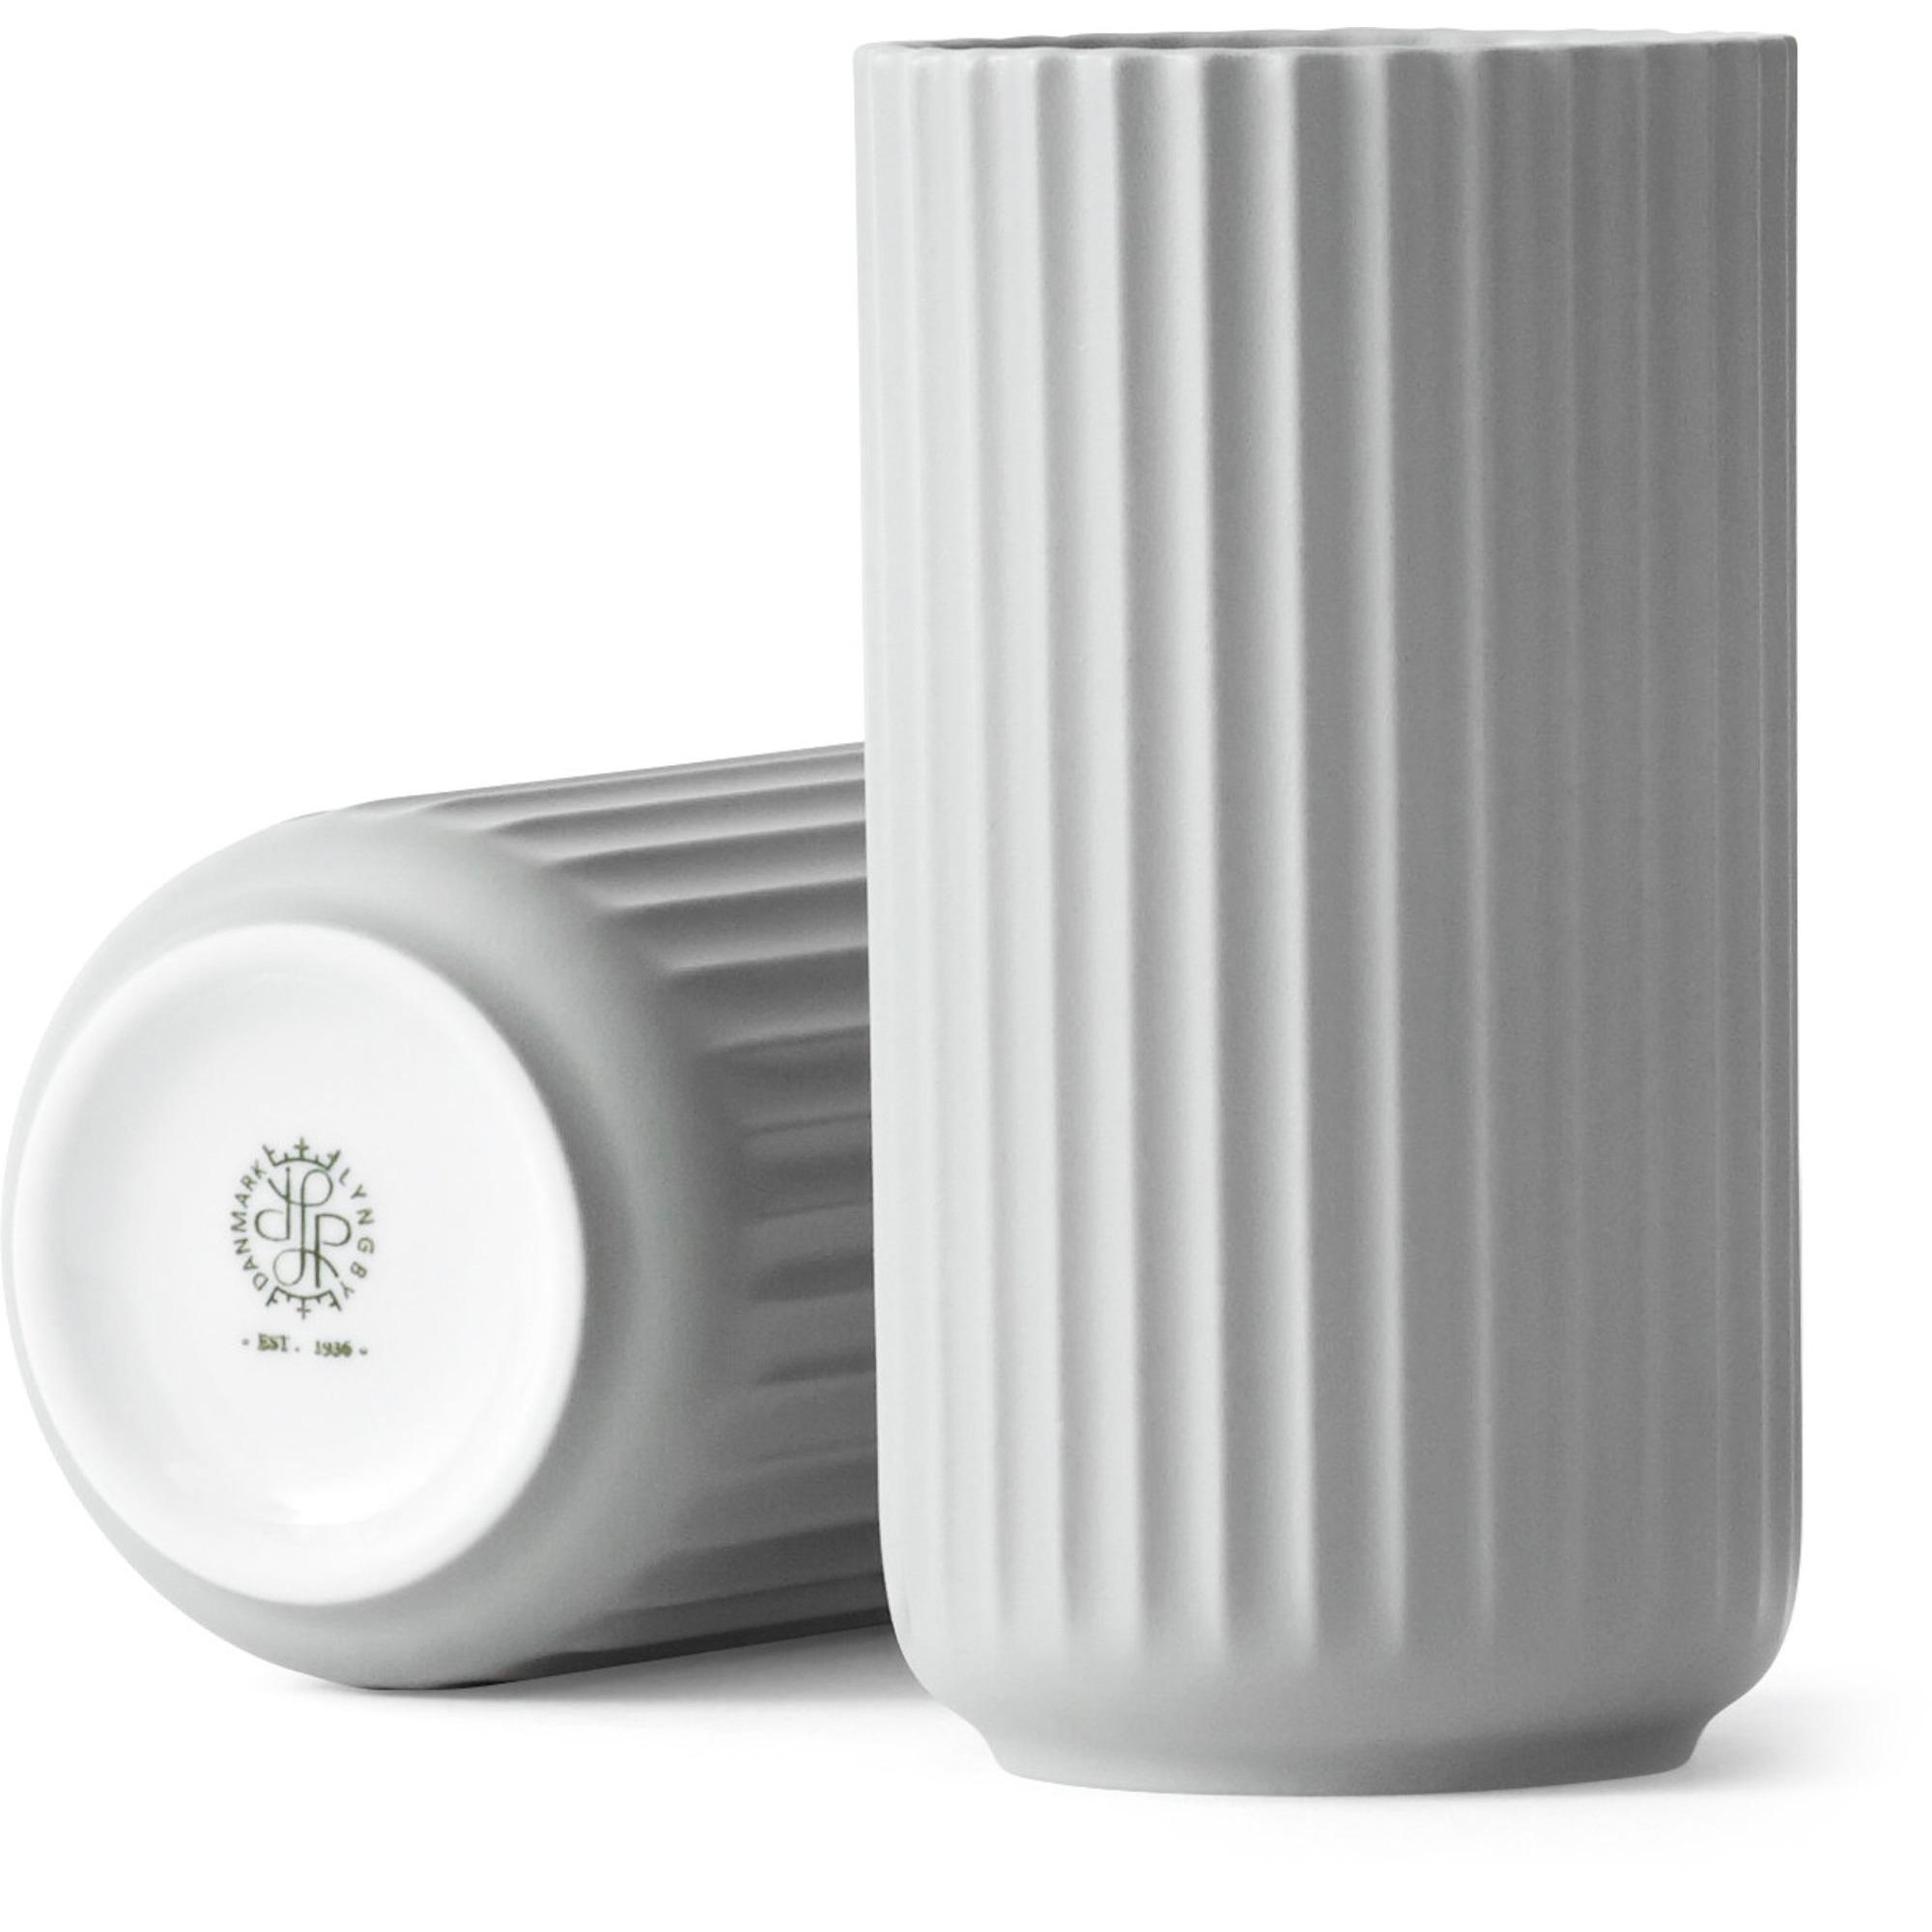 Lyngby Porcelæn Lyngbyvasen 15 cm. porslin – ljusgrå